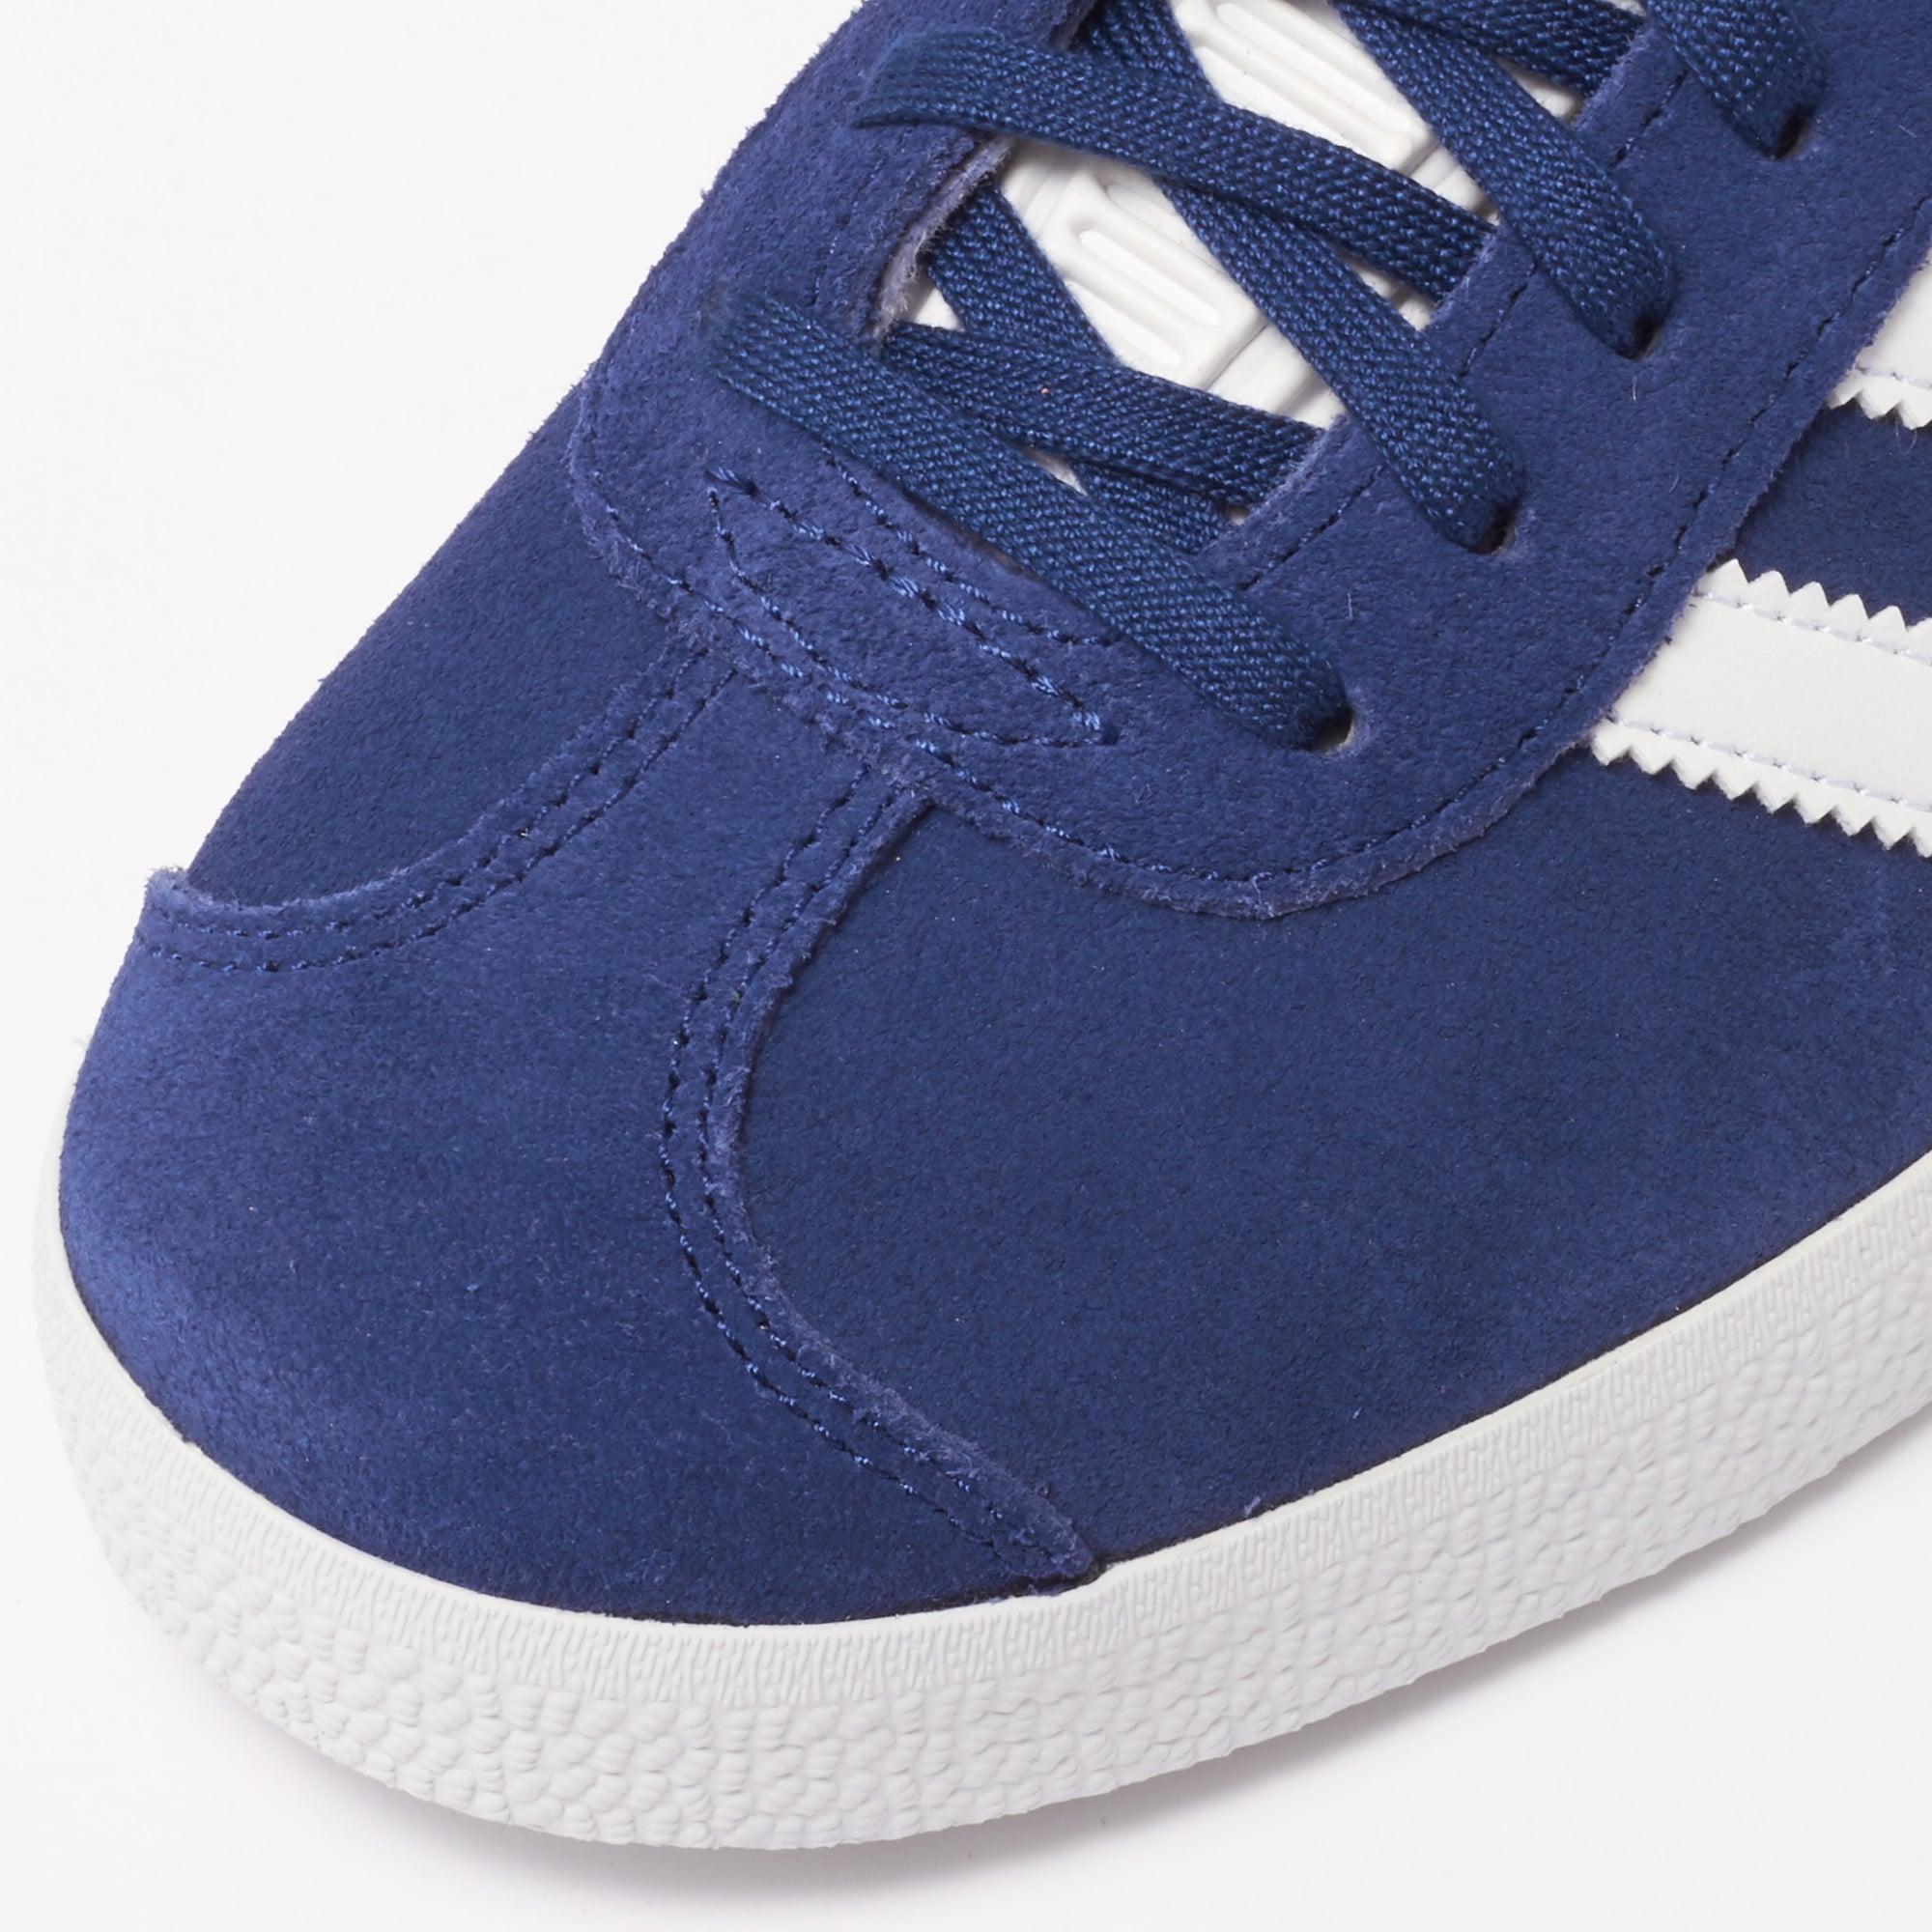 adidas Originals Womens Womens Gazelle Trainers Noble Indigo